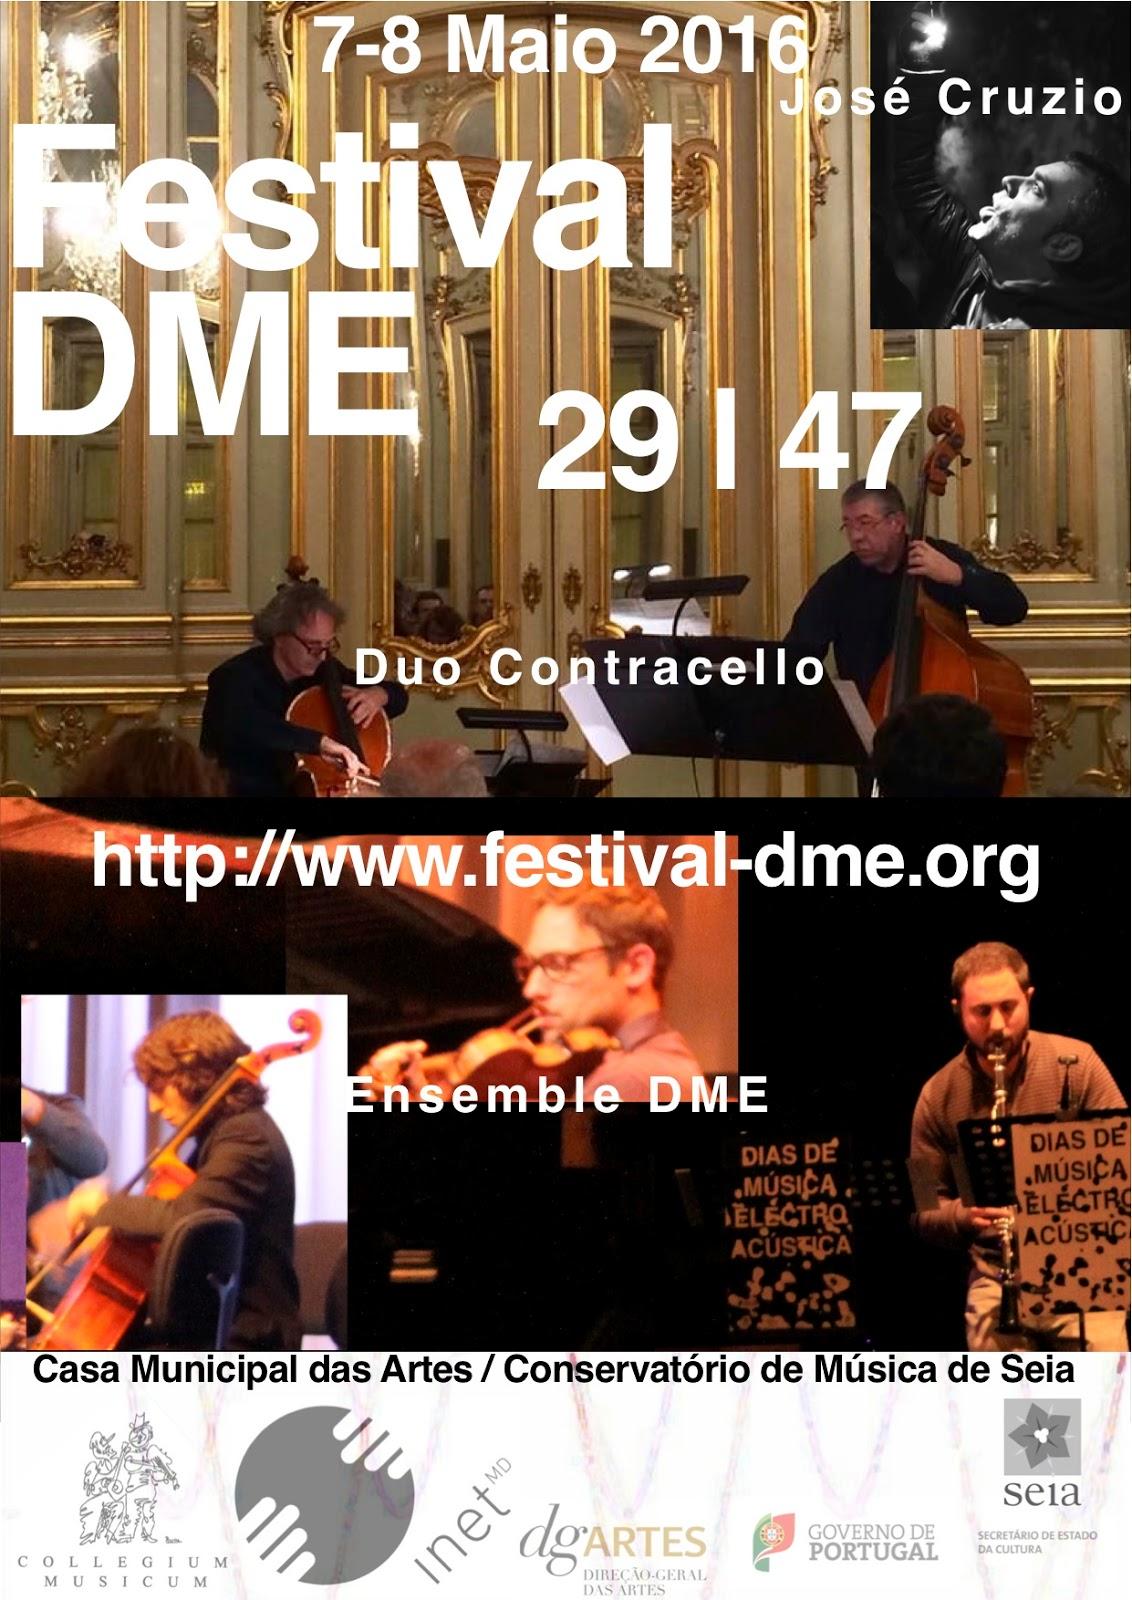 DME 29 - 7 e 8 de maio de 2016